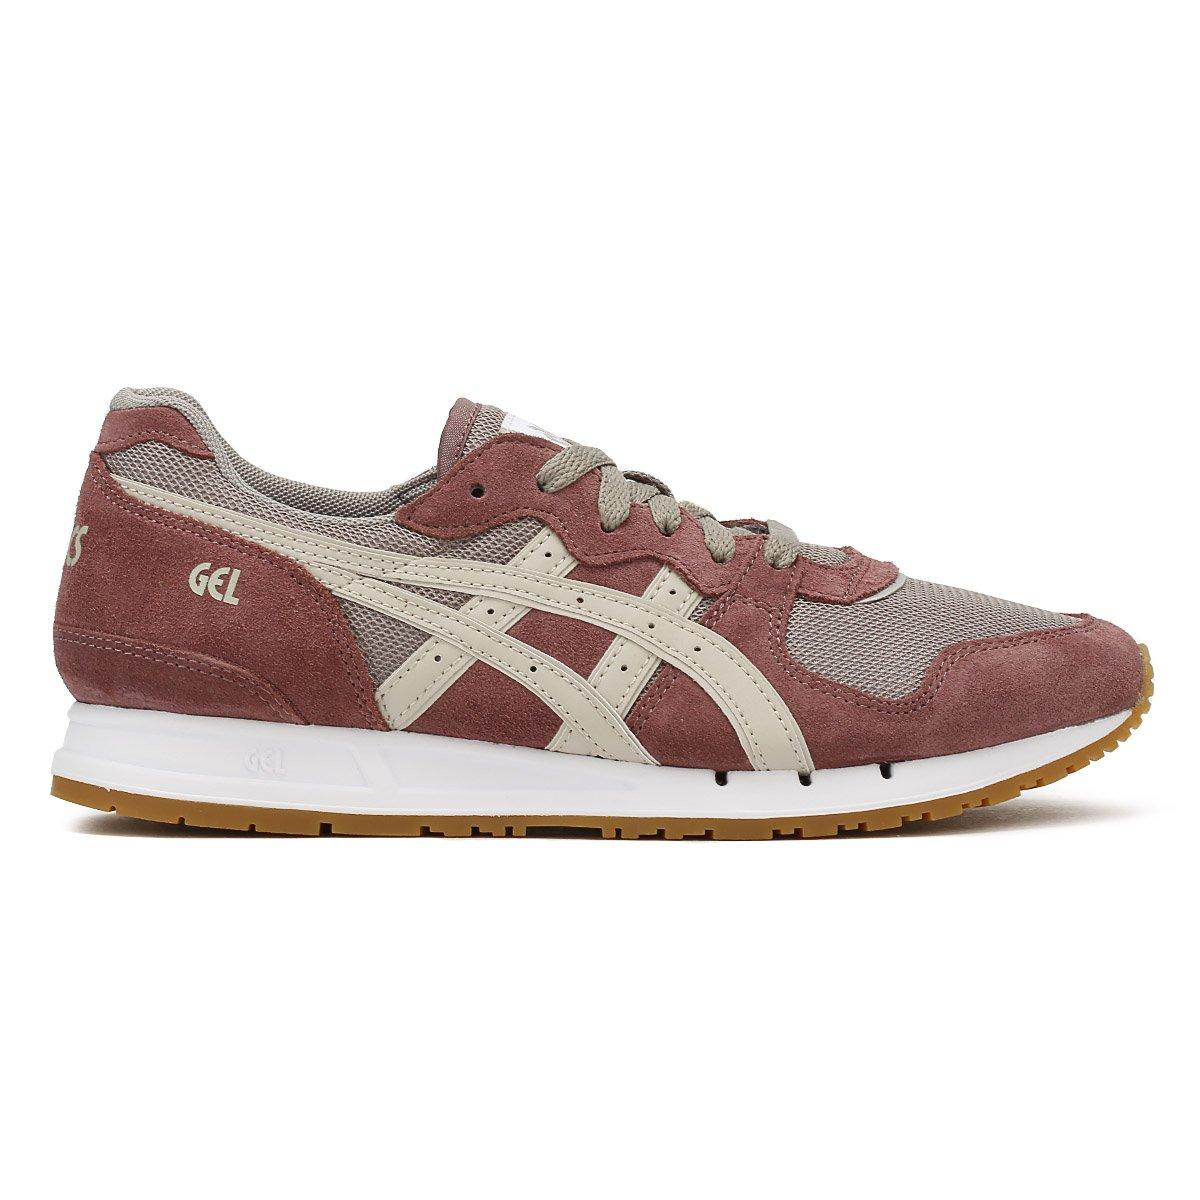 ASICS Tiger Damen - Sneaker grau 37 - Damen 6336db